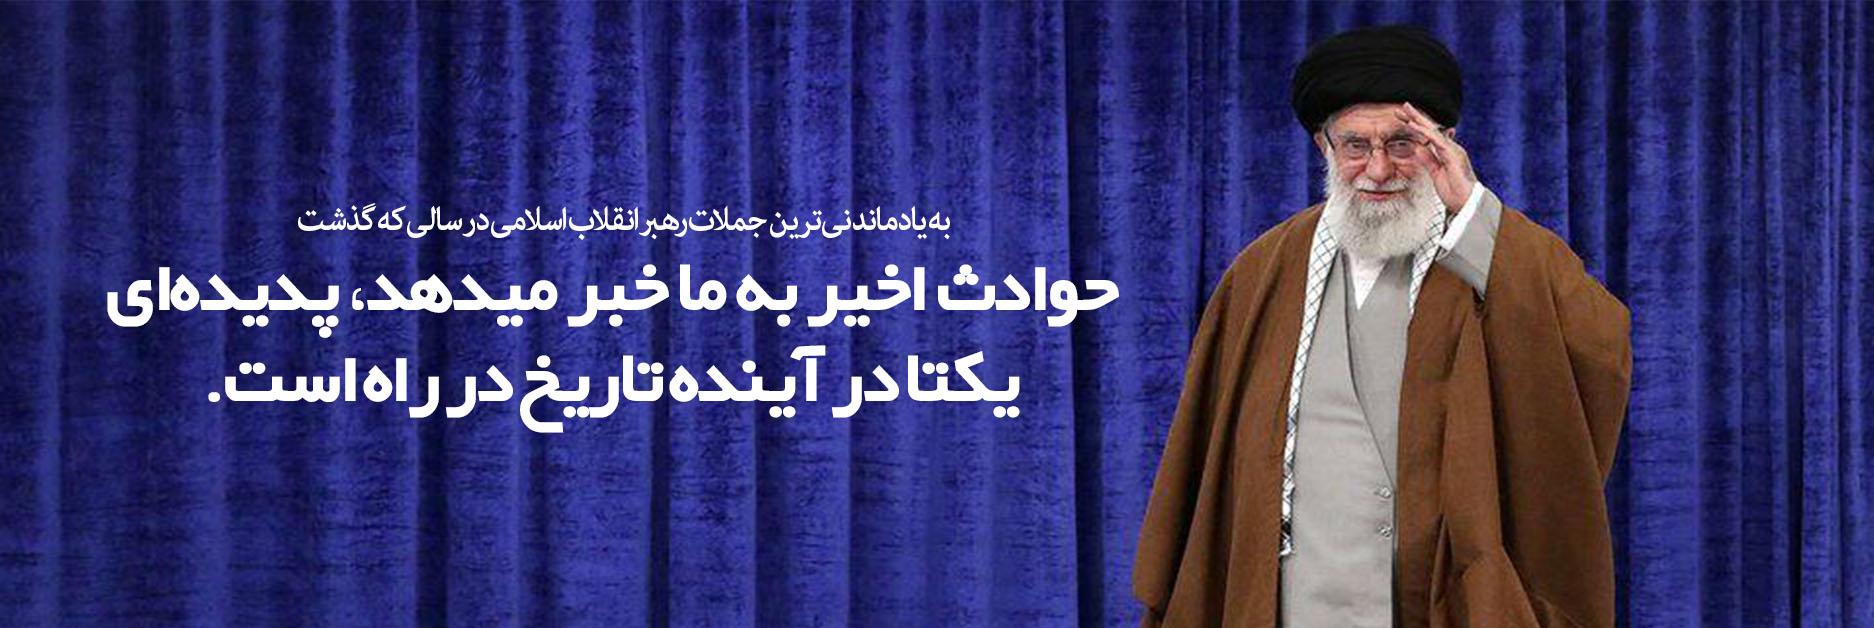 به نظر شما مهمترین و بهیادماندنیترین جملهی رهبر انقلاب در سال ۹۸ کدام است؟